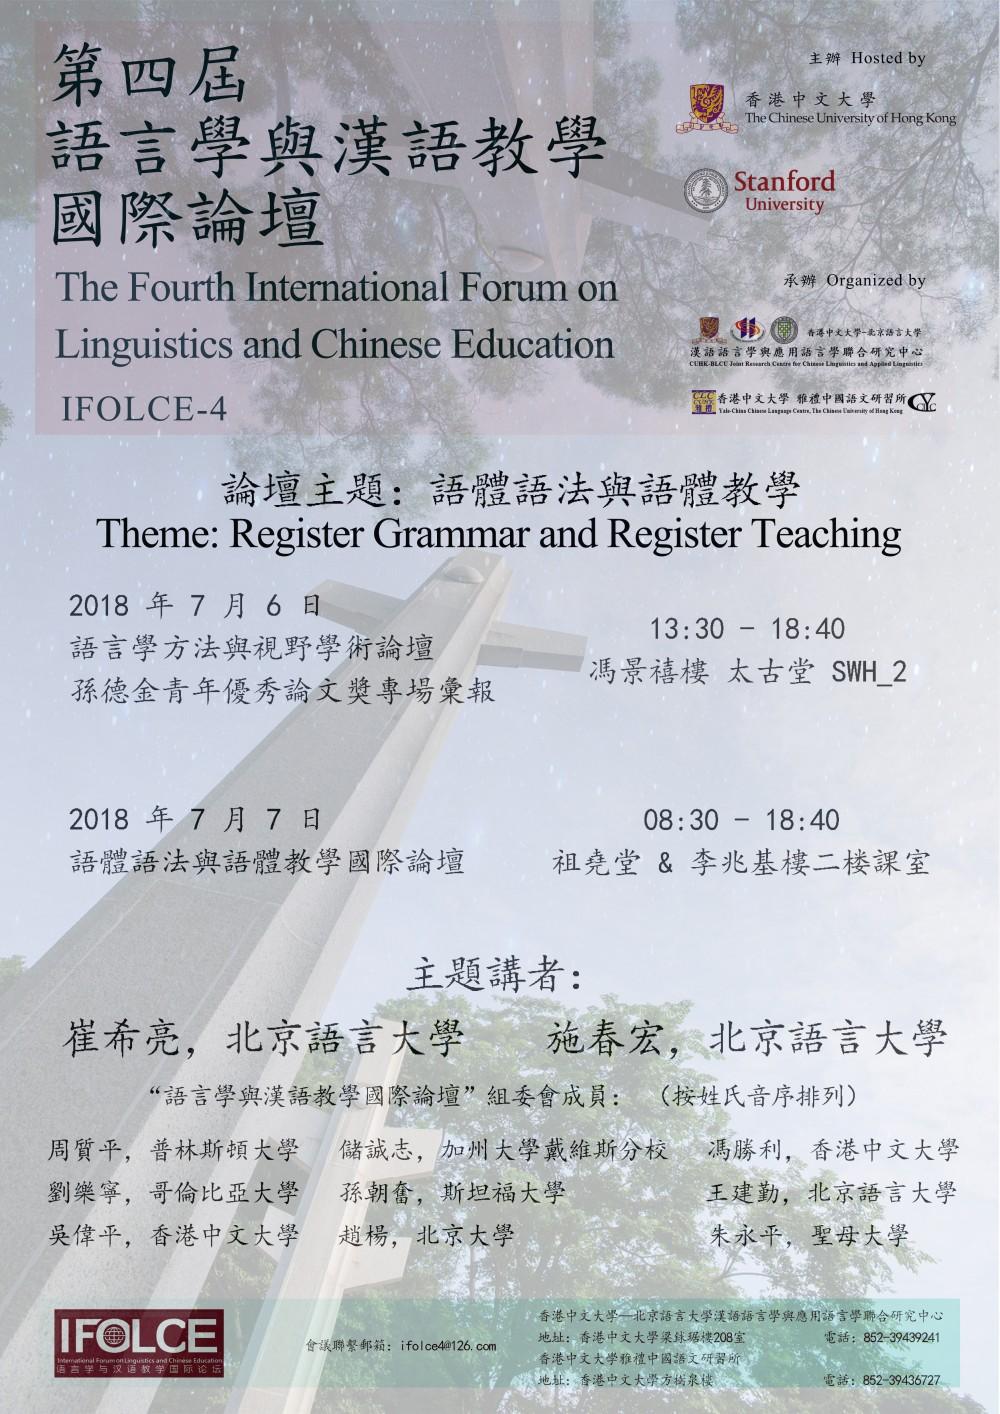 第四屆語言學與漢語教學國際論壇_poster